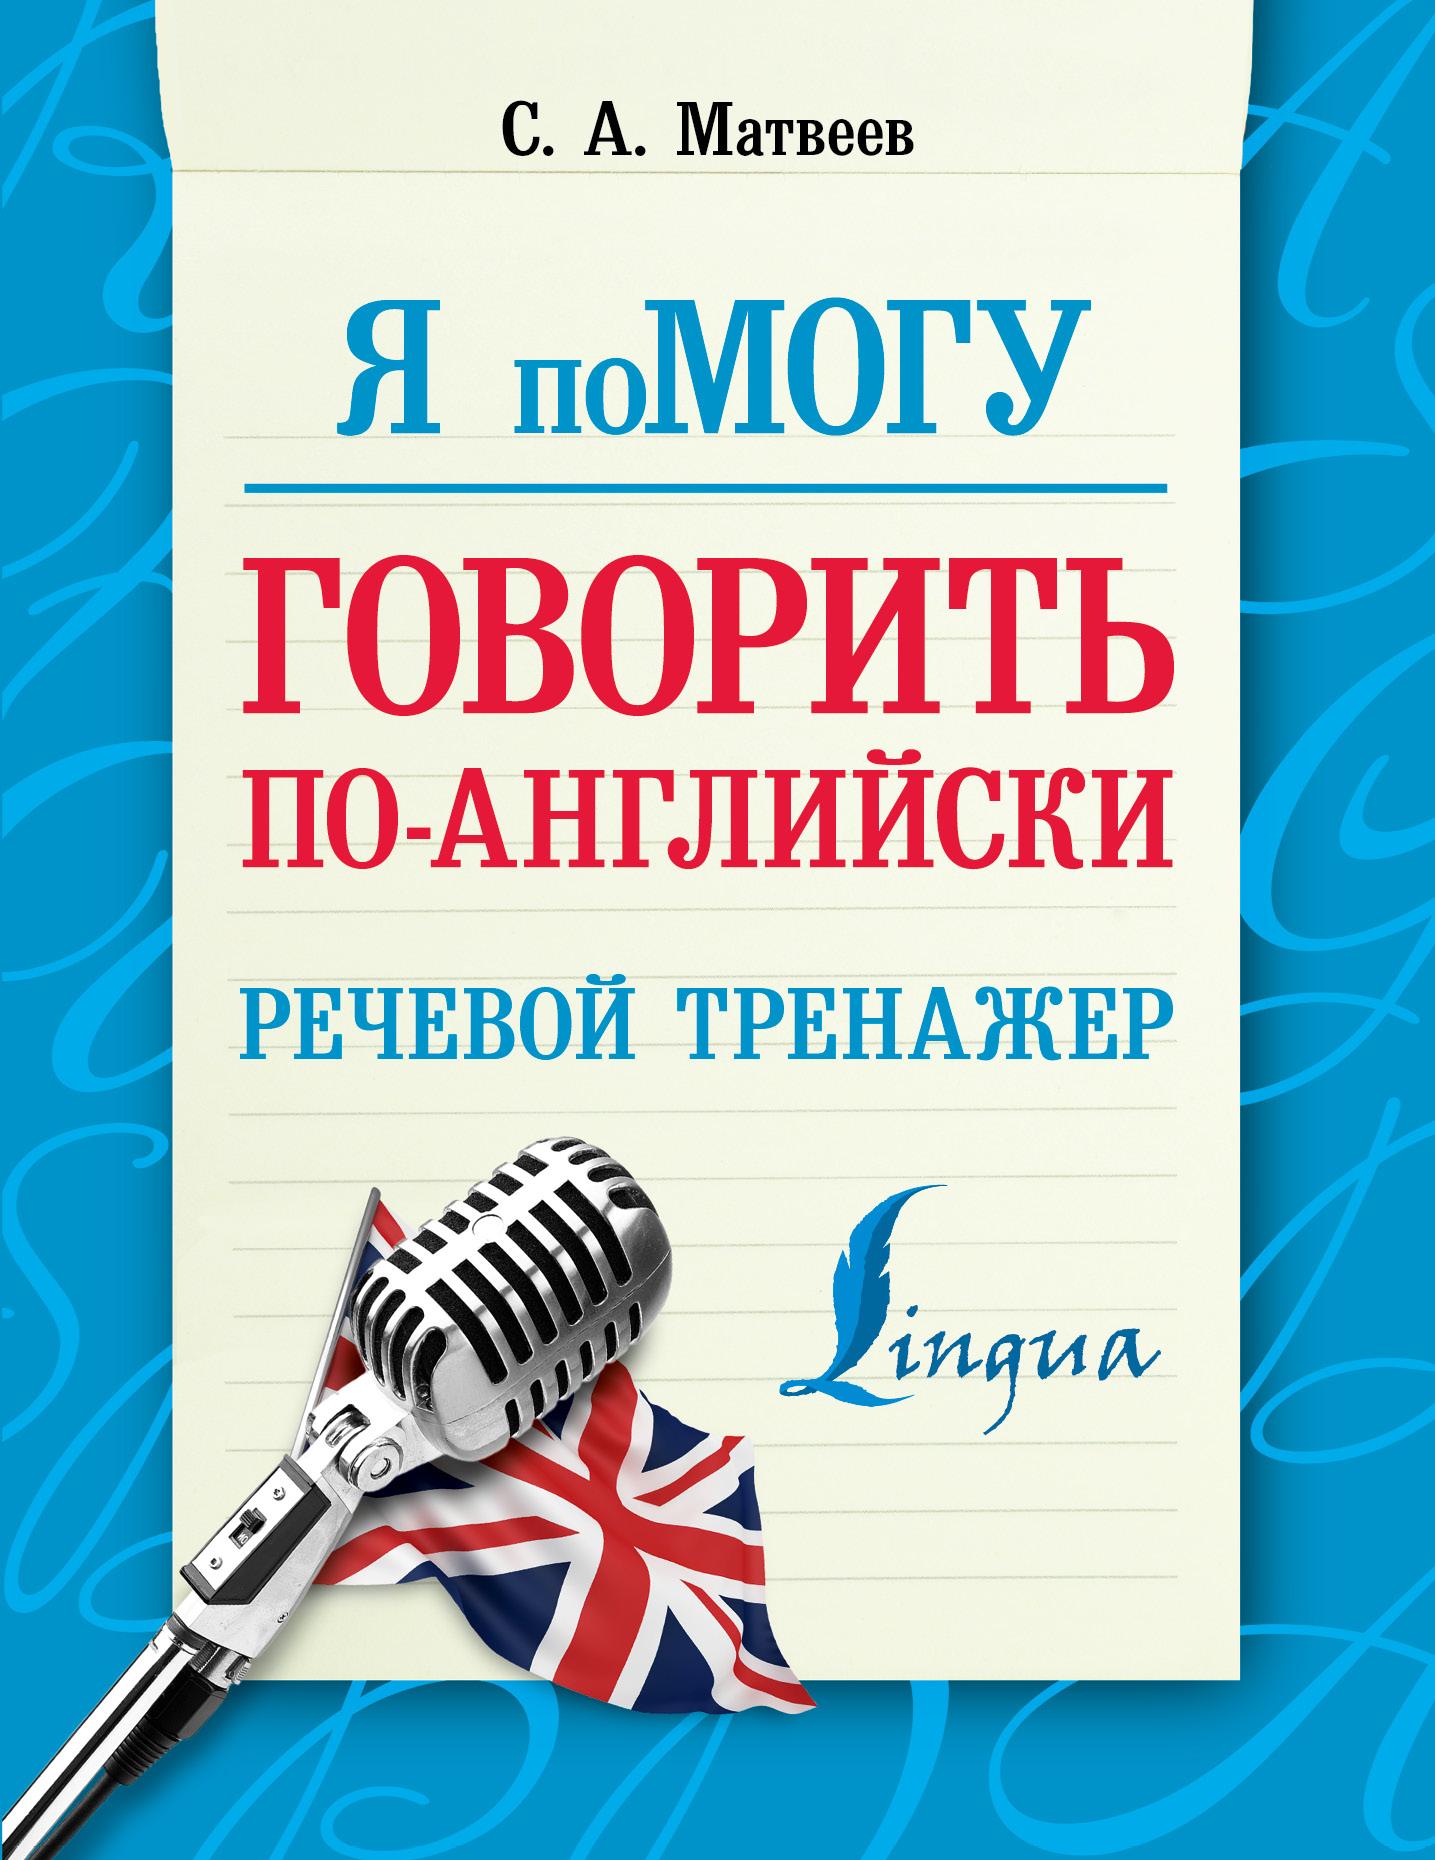 Я помогу говорить по-английски. Речевой тренажер